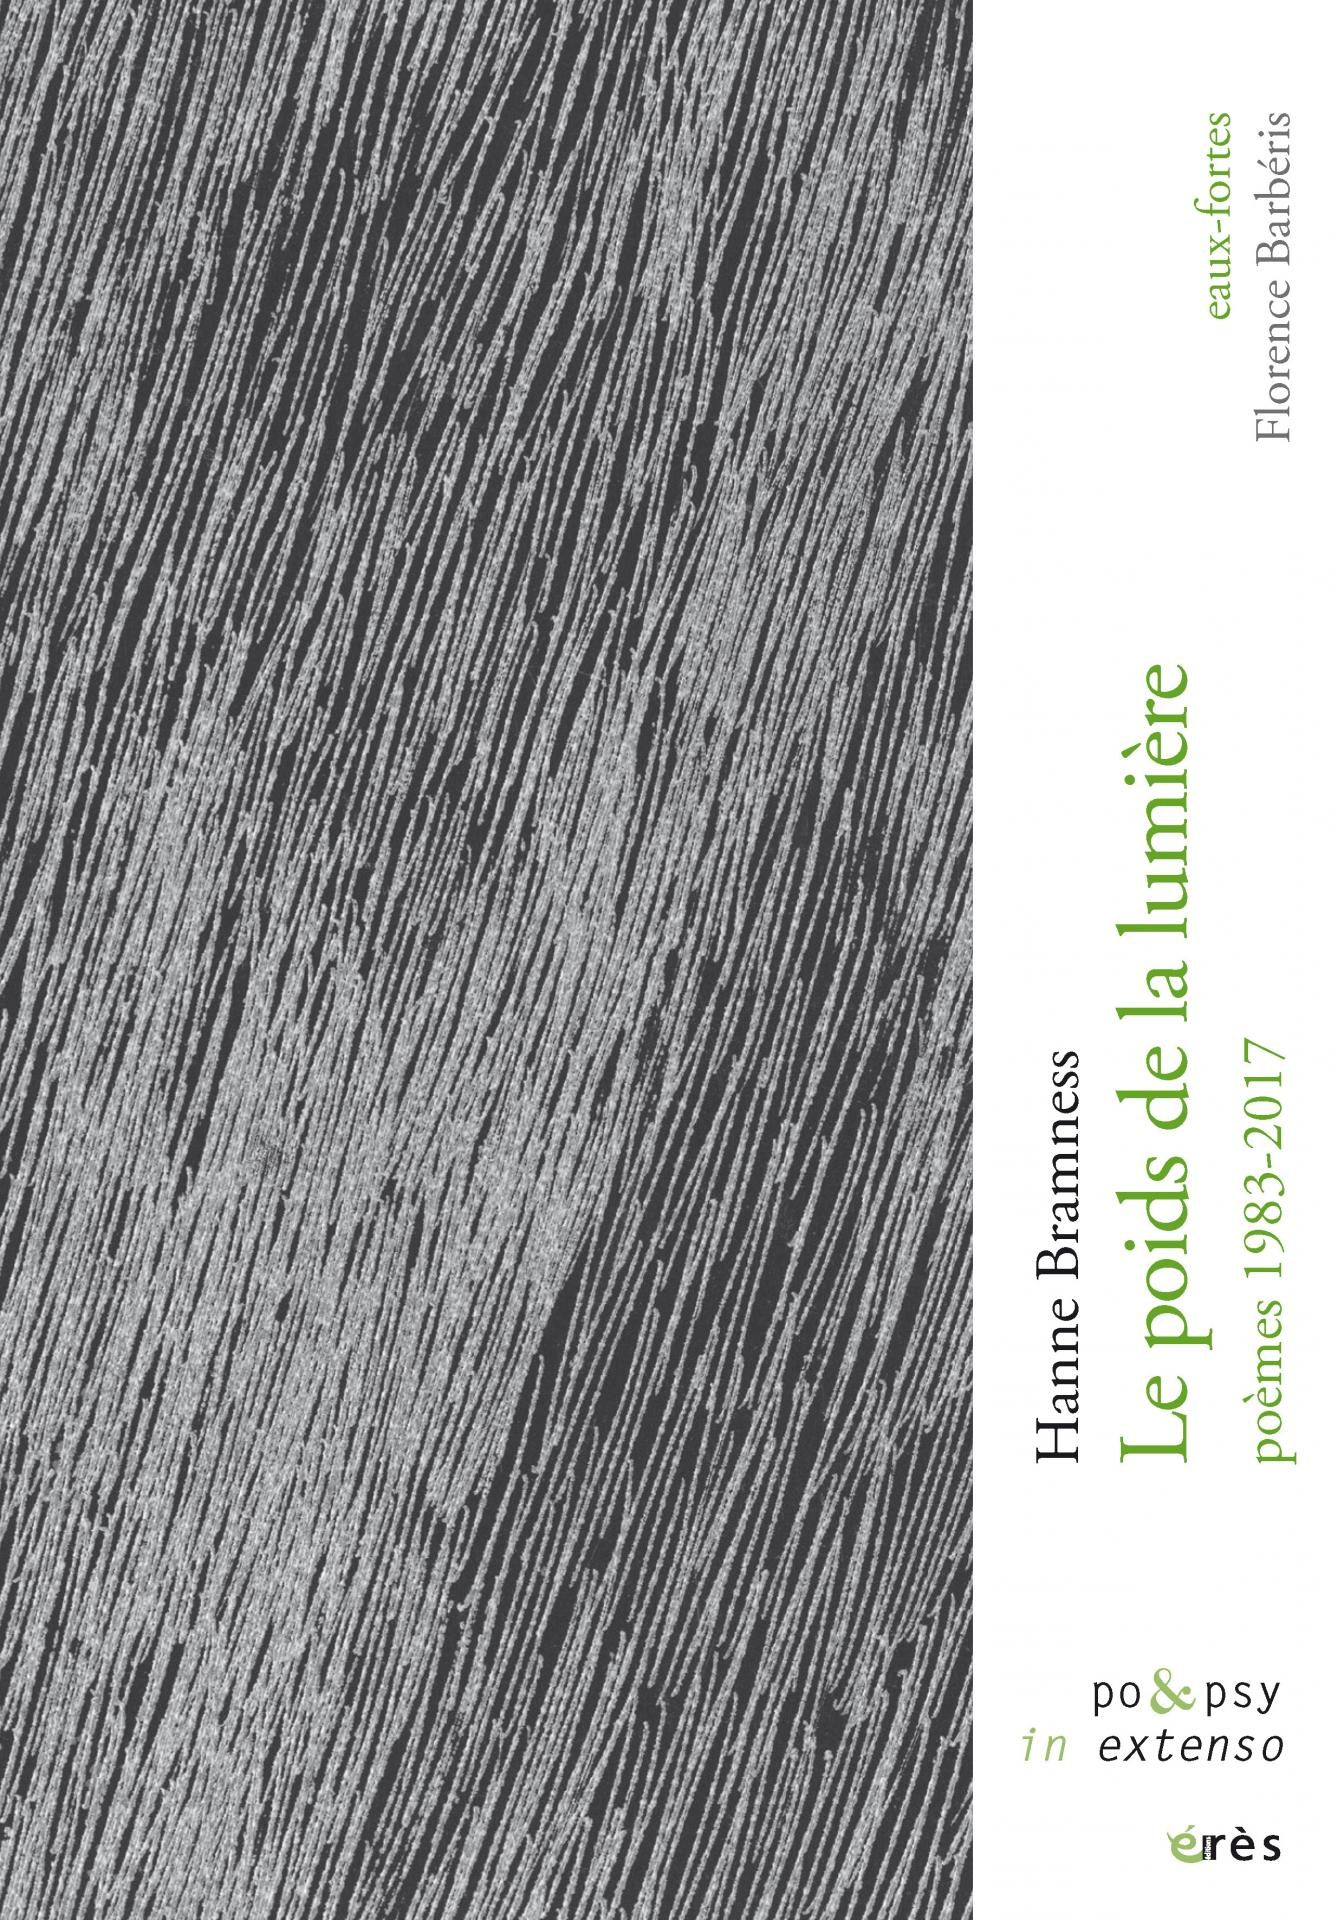 Le Poids de la lumière -Hanne Bramnes